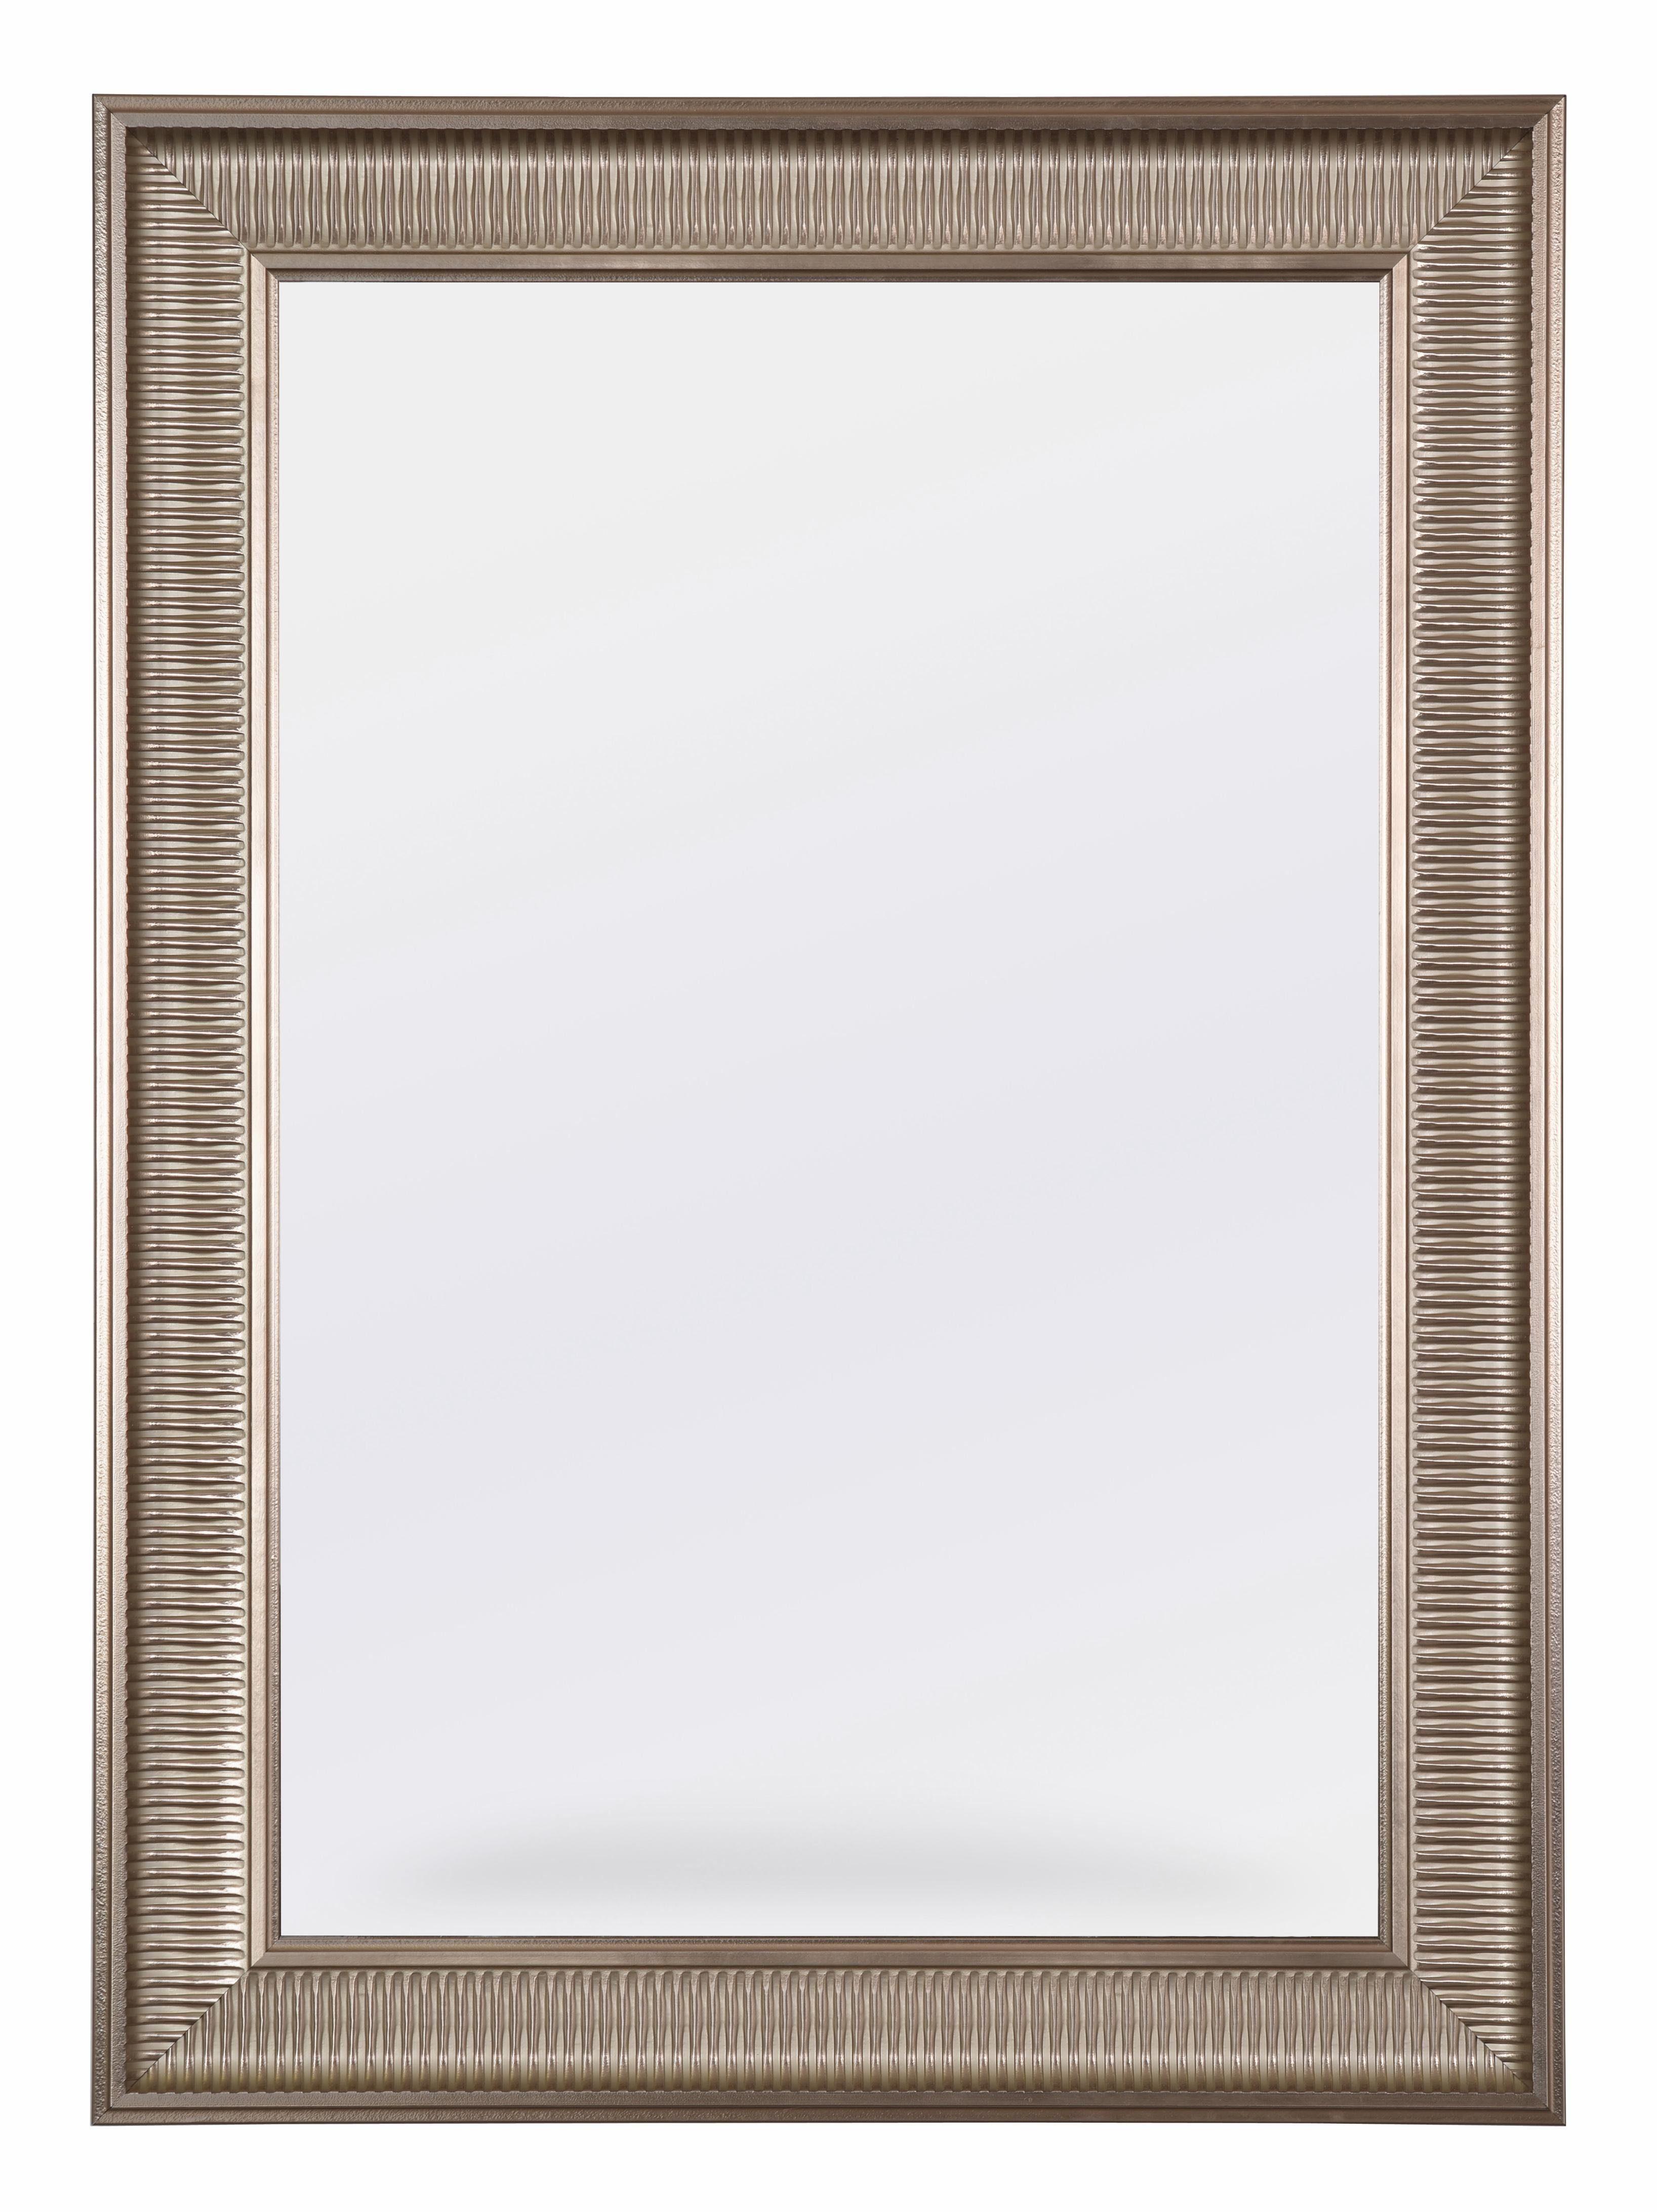 Home affaire, Spiegel »Edinburgh«, 68/88 cm, Home affaire